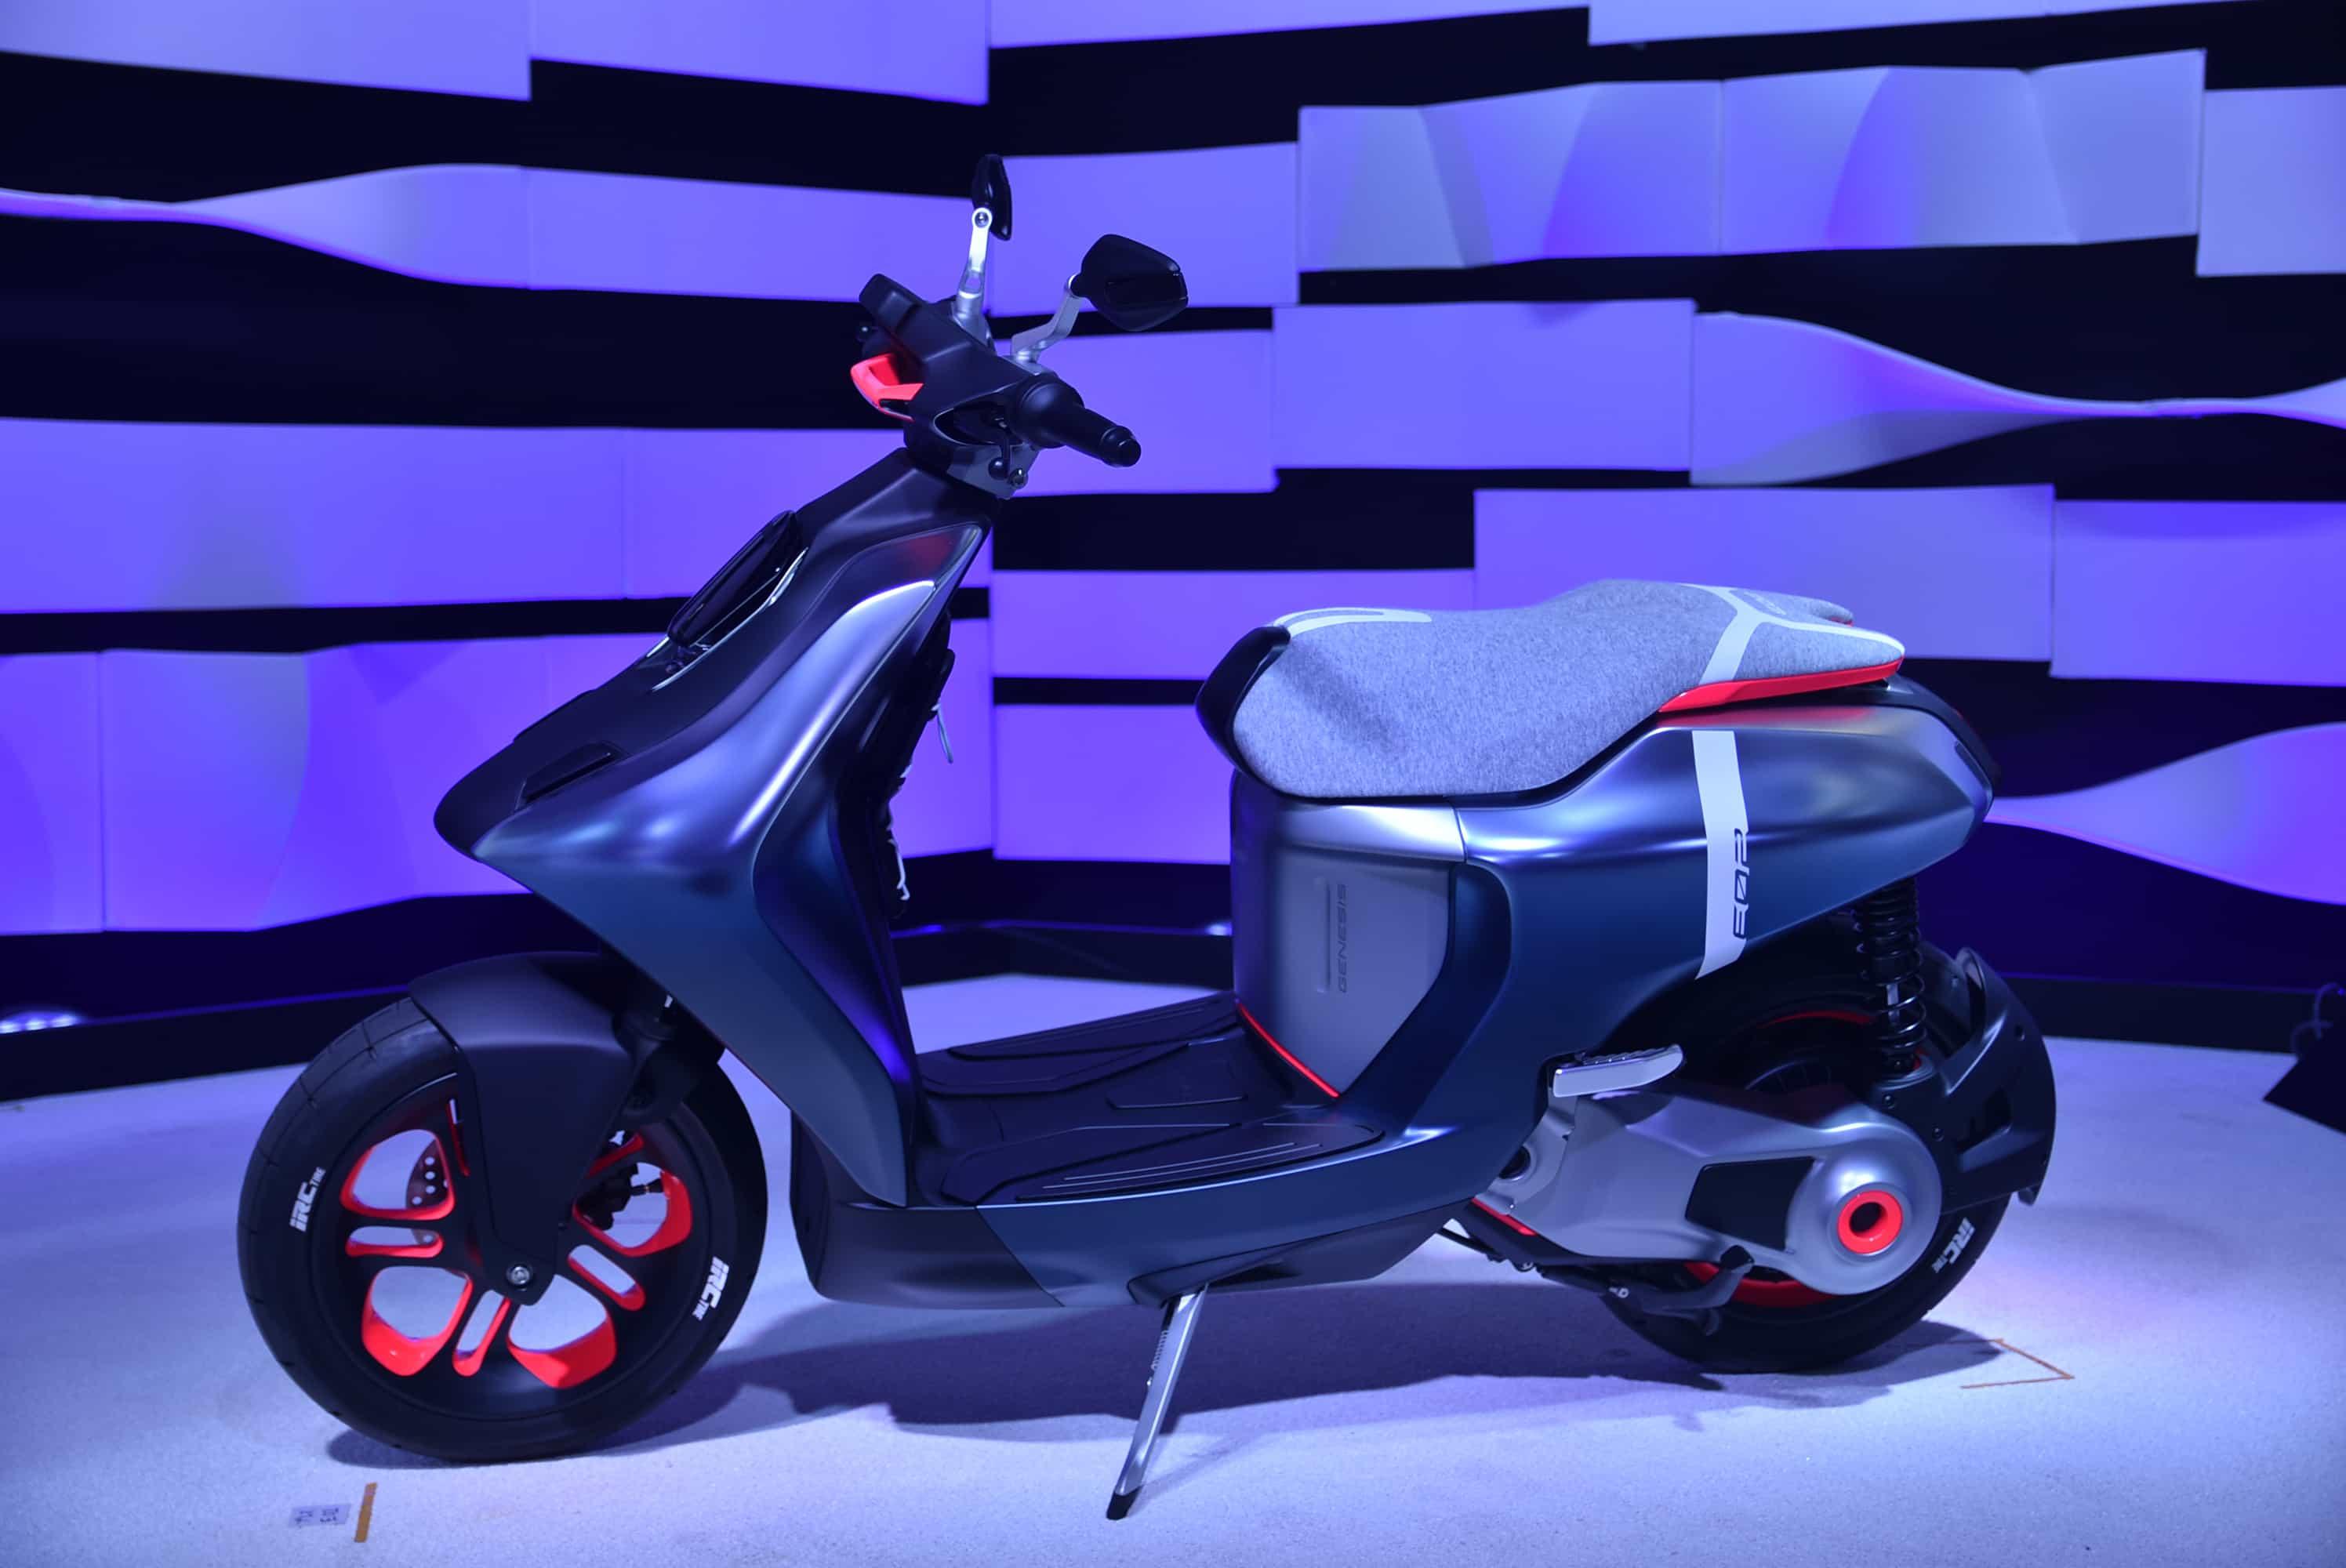 ヤマハ 東京モーターショーで都市型コミューターE01、次世代電動コミューターE02を発表